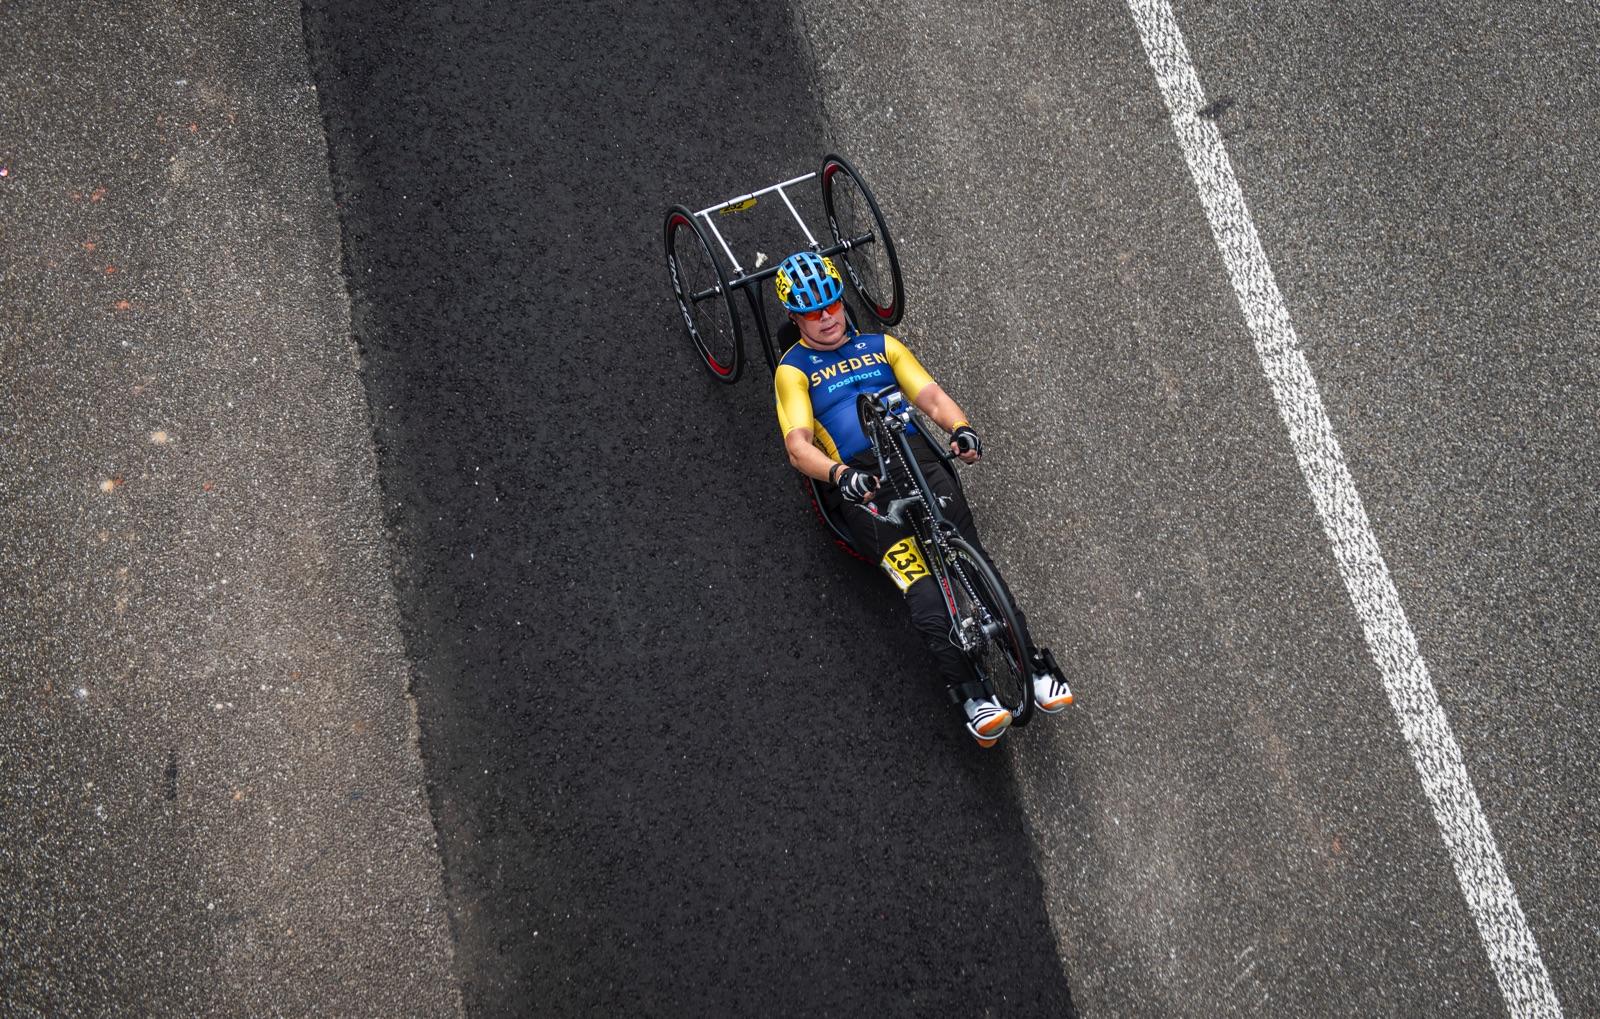 Paracyklisten Patrik Ohlqvist på VM i Emmen.